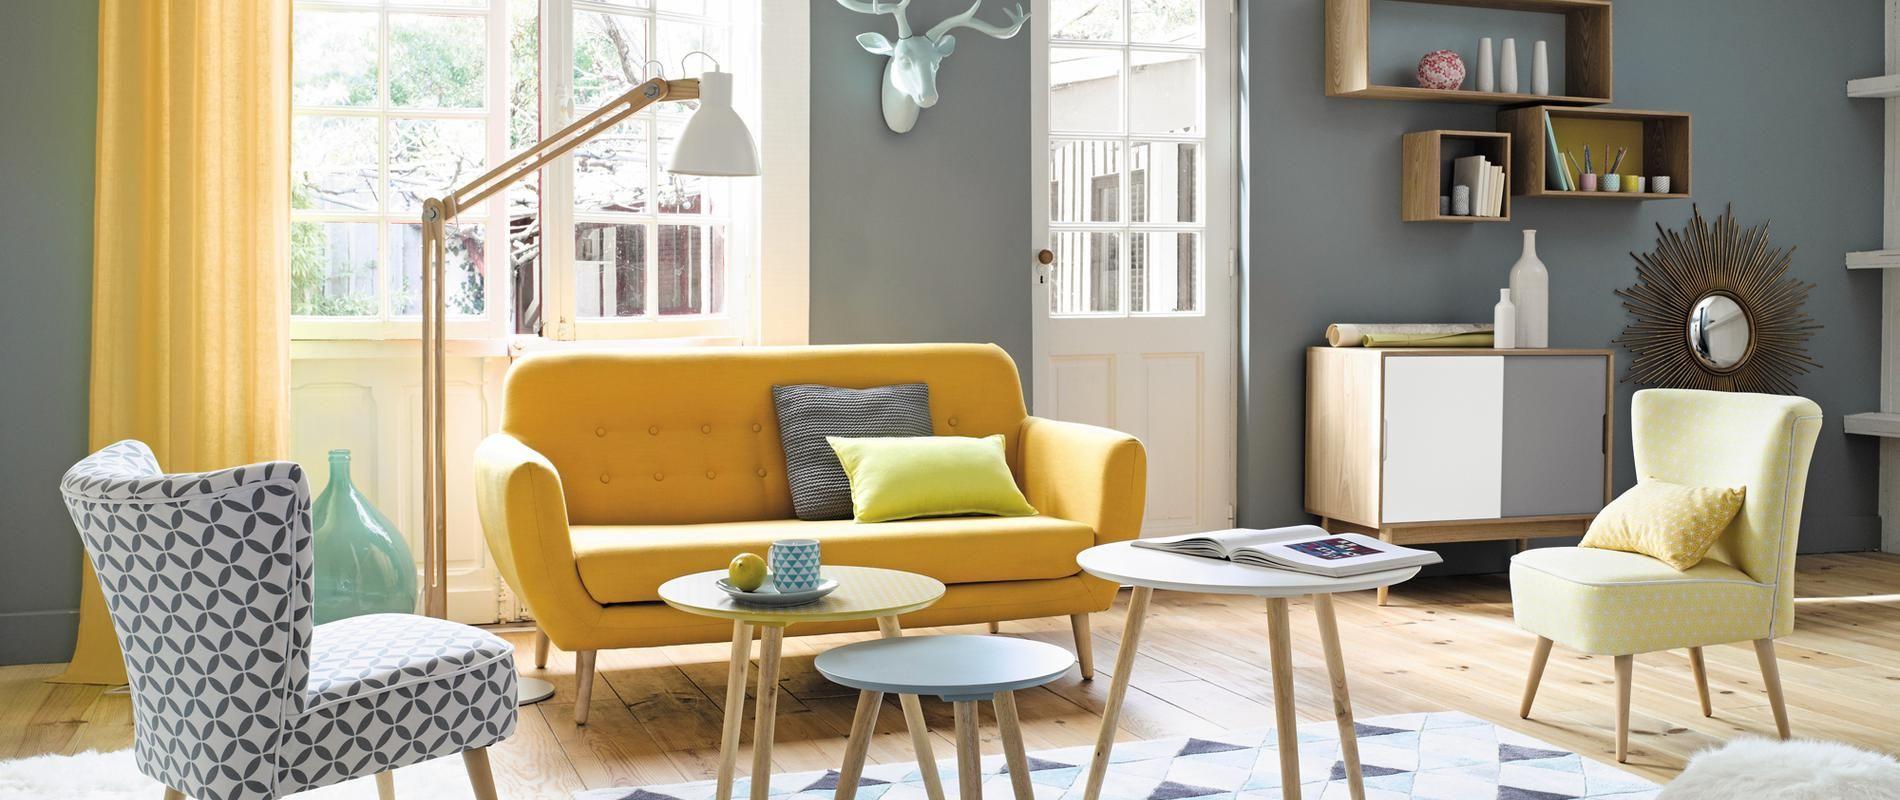 Mieux Que Le Vintage Le Néovintage - Canapé convertible scandinave pour noël deco salon design